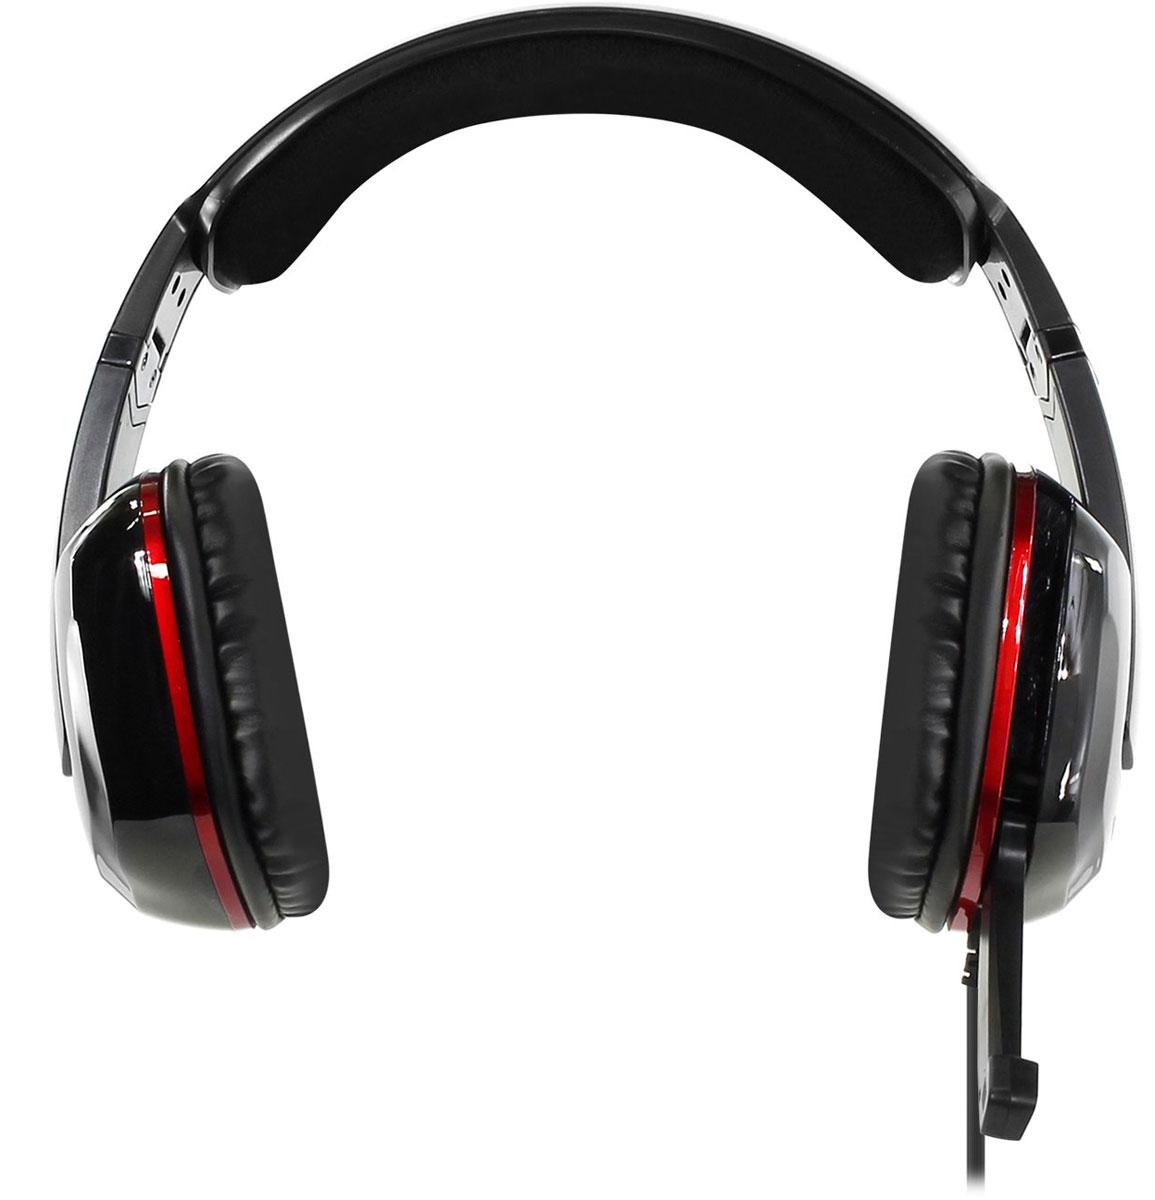 Qcyber GH9000, Black игровые наушникиGH9000blackИгровая гарнитура Qcyber Dragon Black предлагает пользователю насладиться всеми преимуществами виртуализированного звука 7.1. Восьмиканальная система пространственного звучания, обычно идущая в комплекте с дорогими зарубежными устройствами, теперь доступна каждому владельцу гарнитуры Qcyber Dragon Black. Побеждать с этой гарнитурой станет проще, потому что вы сможете точнее ориентироваться в виртуальном мире и слышать, с какой стороны к вам пытается подобраться противник. Звуковая карта, необходимая для виртуализации звука, установлена прямо в гарнитуру, остается только подсоединить Dragon к USB-разъему и установить драйвера! Микрофон Dragon – узконаправленный и имеет функцию шумоподавления, а это означает, что ваши соратники на другом конце провода будут слышать вас и только вас. Управление микрофоном осуществляется одним движением руки: для того, чтобы выключить его, достаточно просто повернуть держатель!